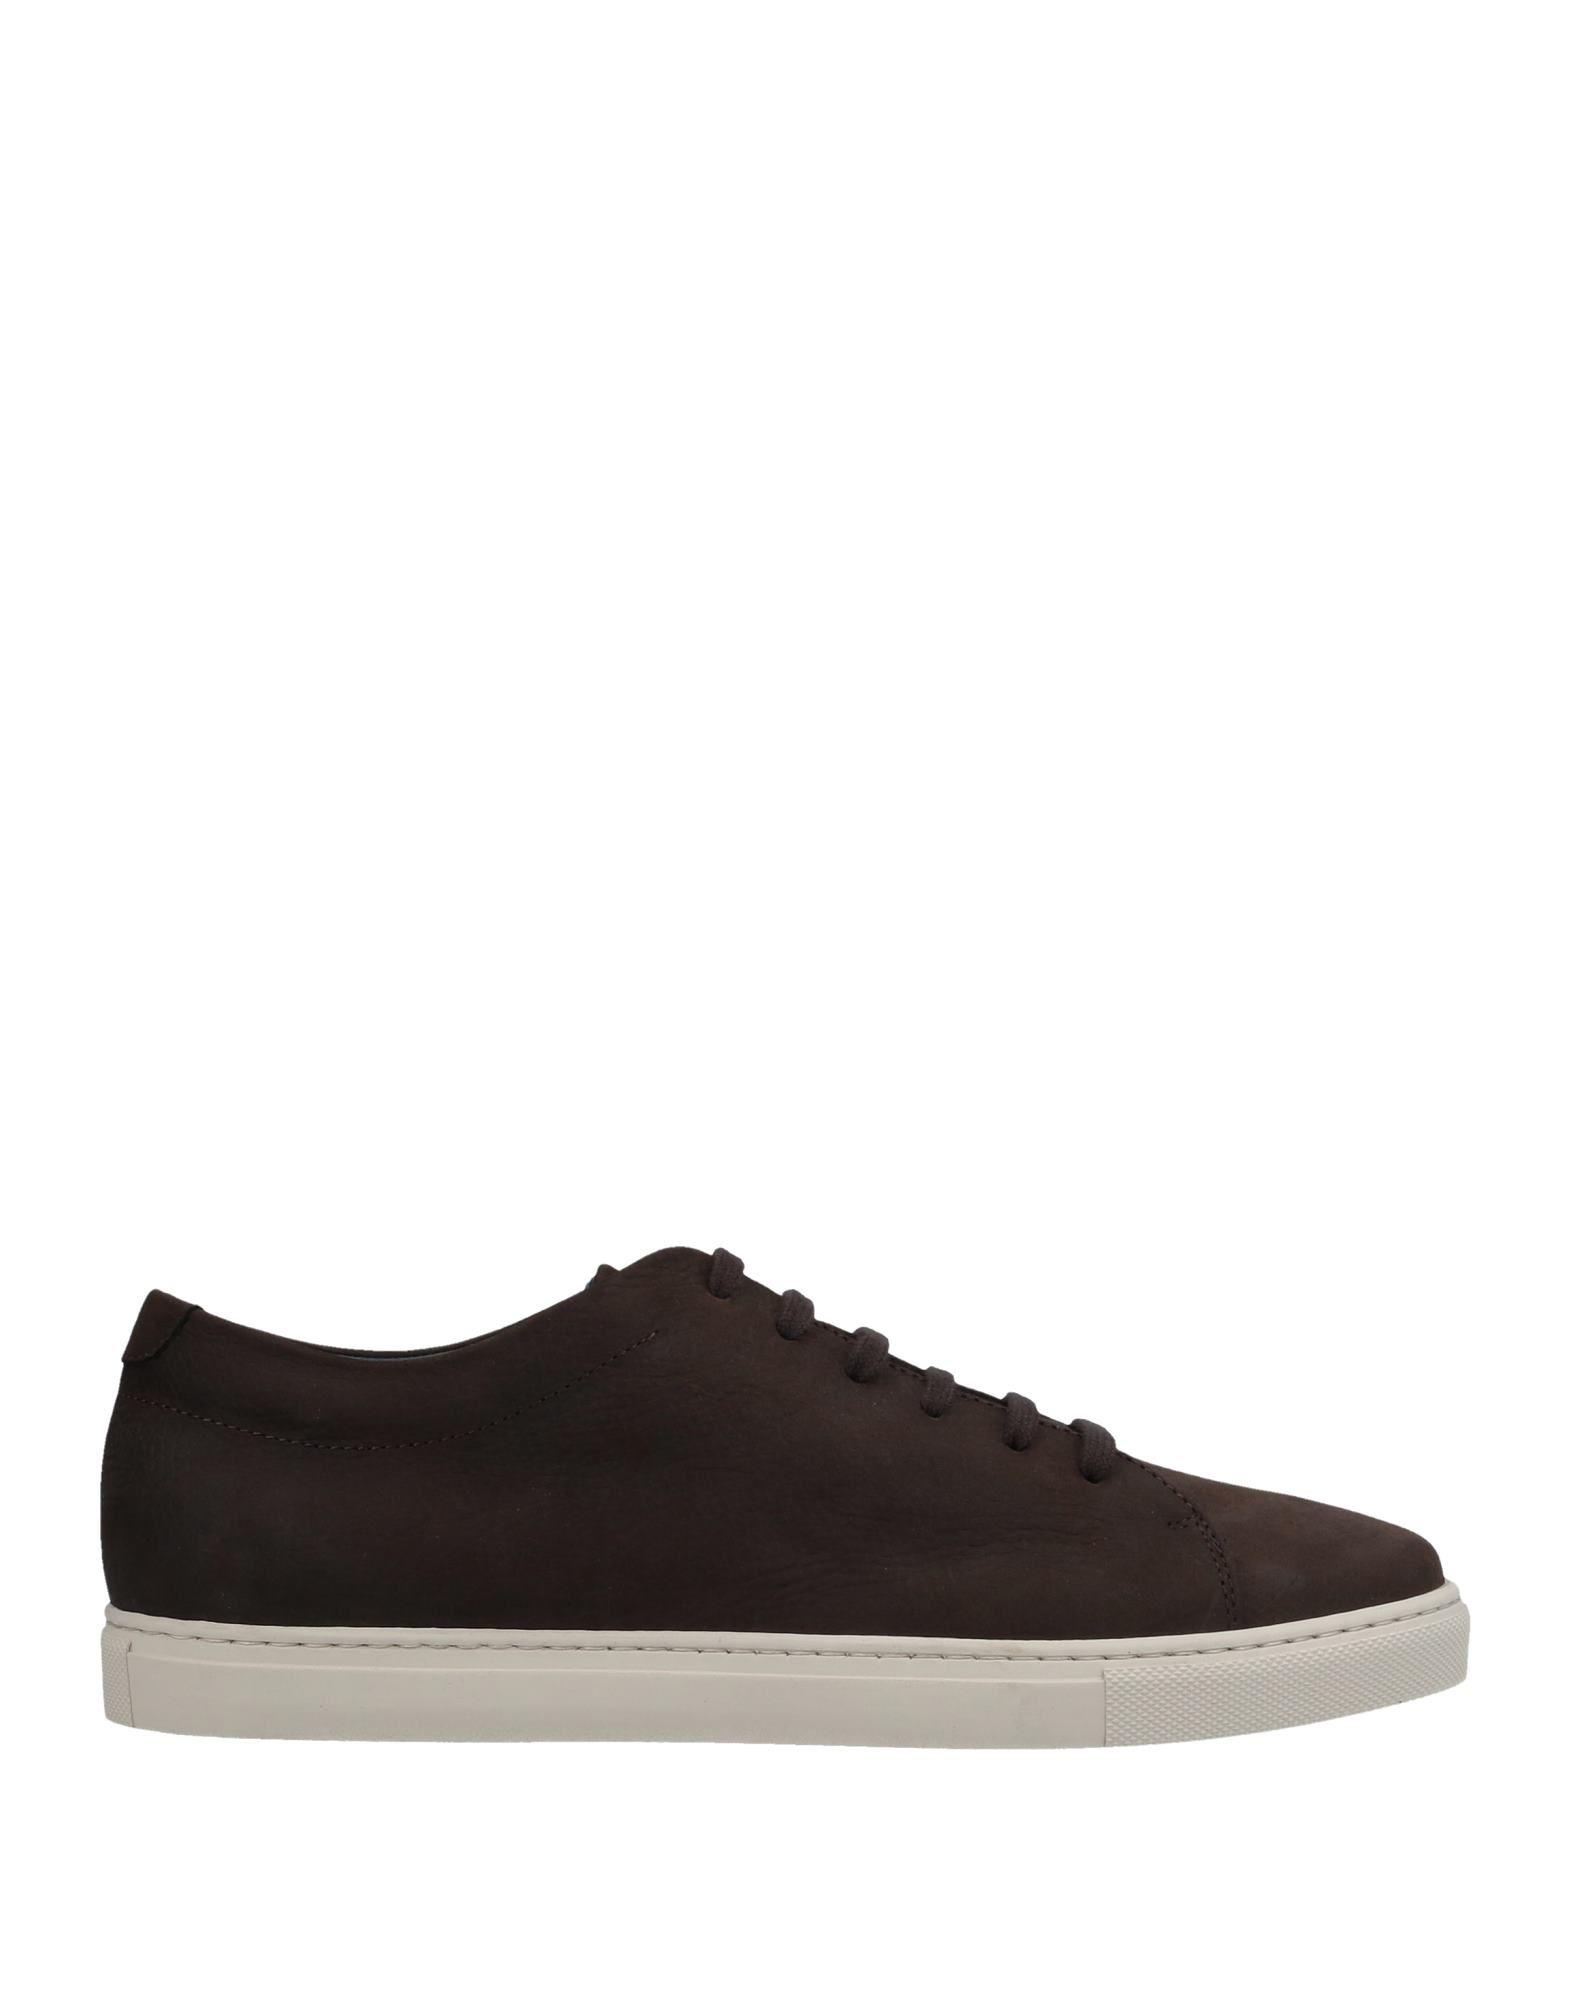 Sneakers Fabiano Ricci Homme - Sneakers Fabiano Ricci  Moka Dernières chaussures discount pour hommes et femmes